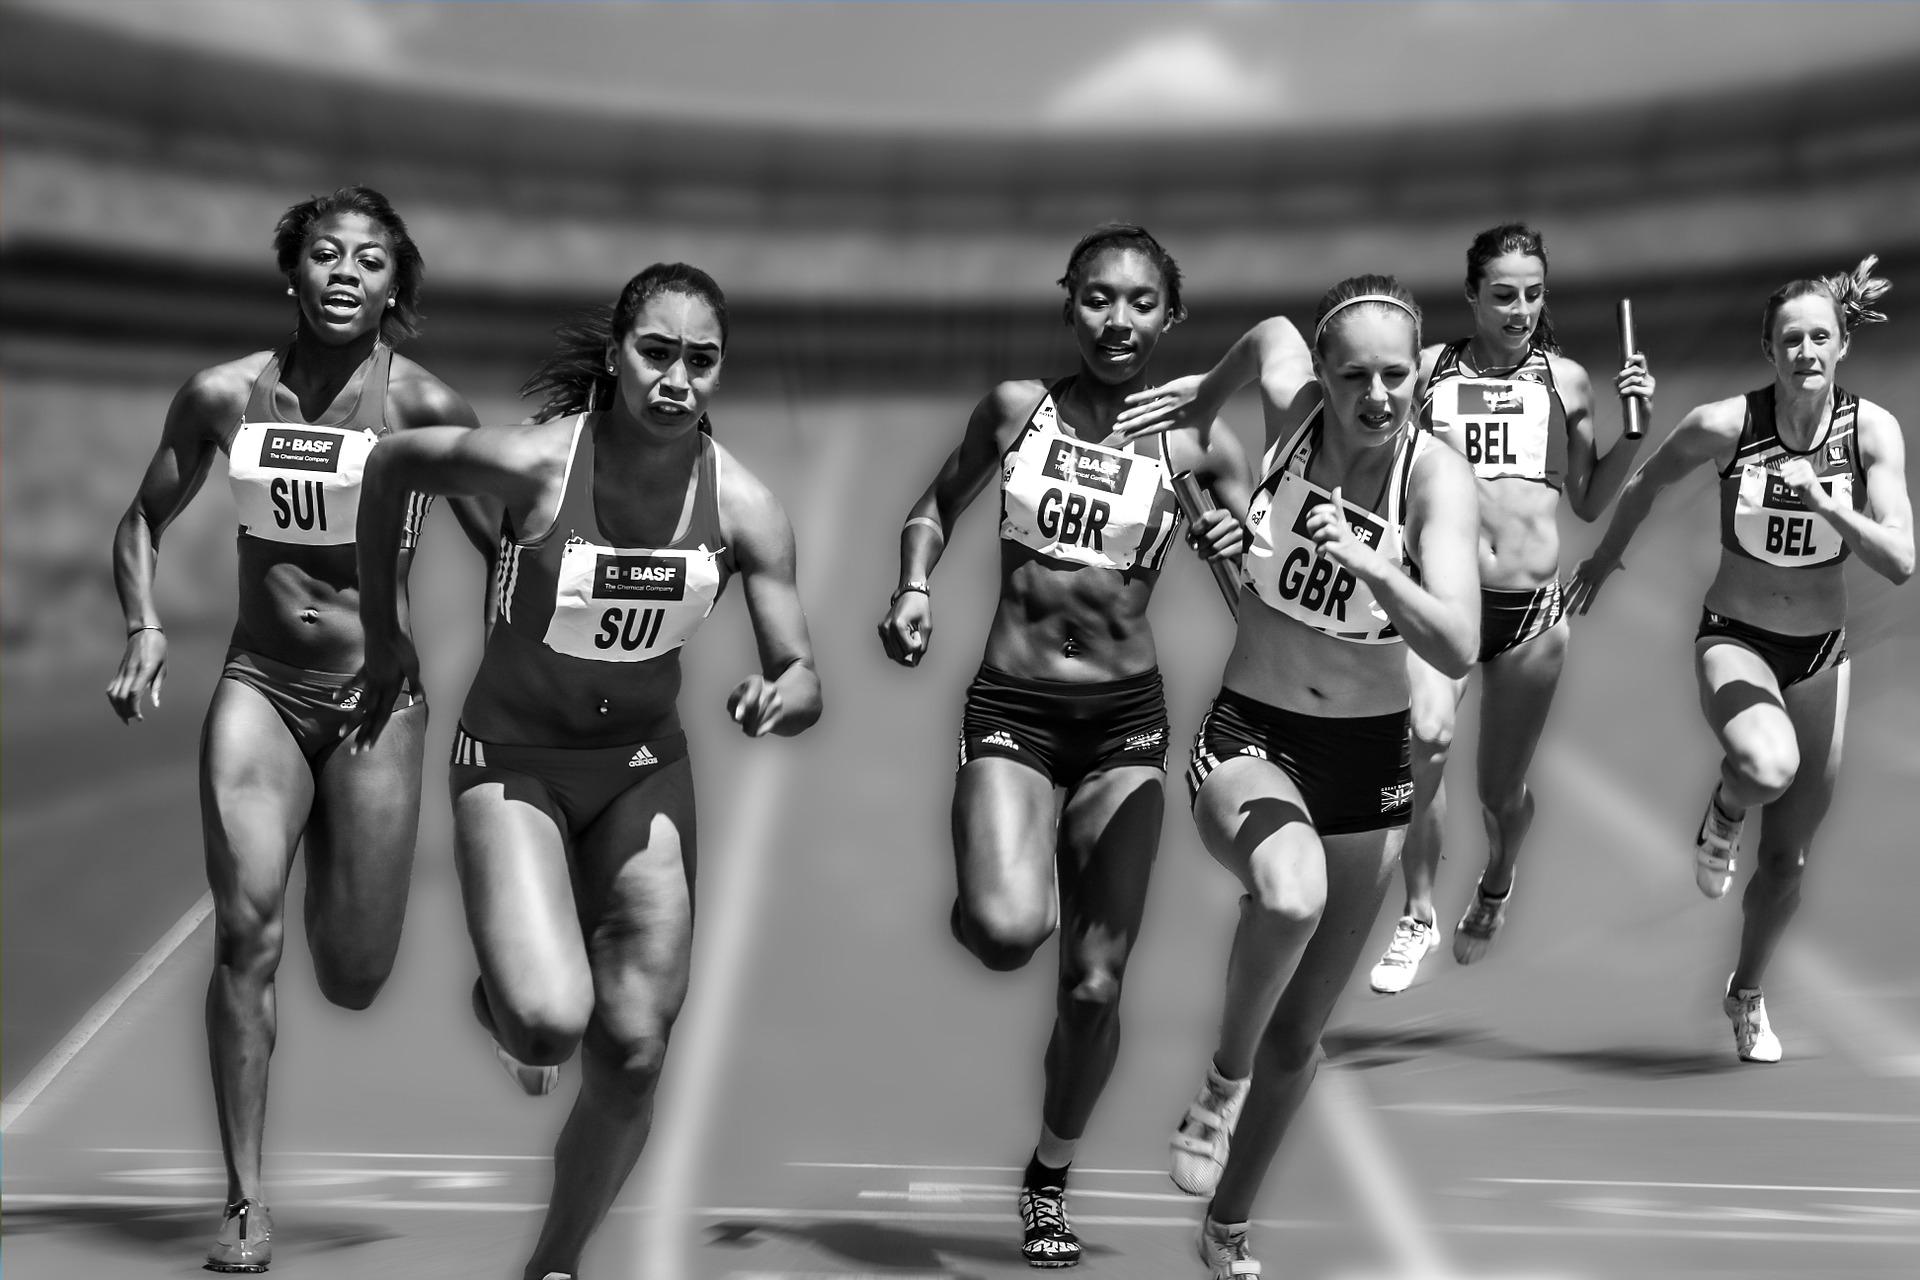 Power im Blick: die Gedankenwelt von Sportlern